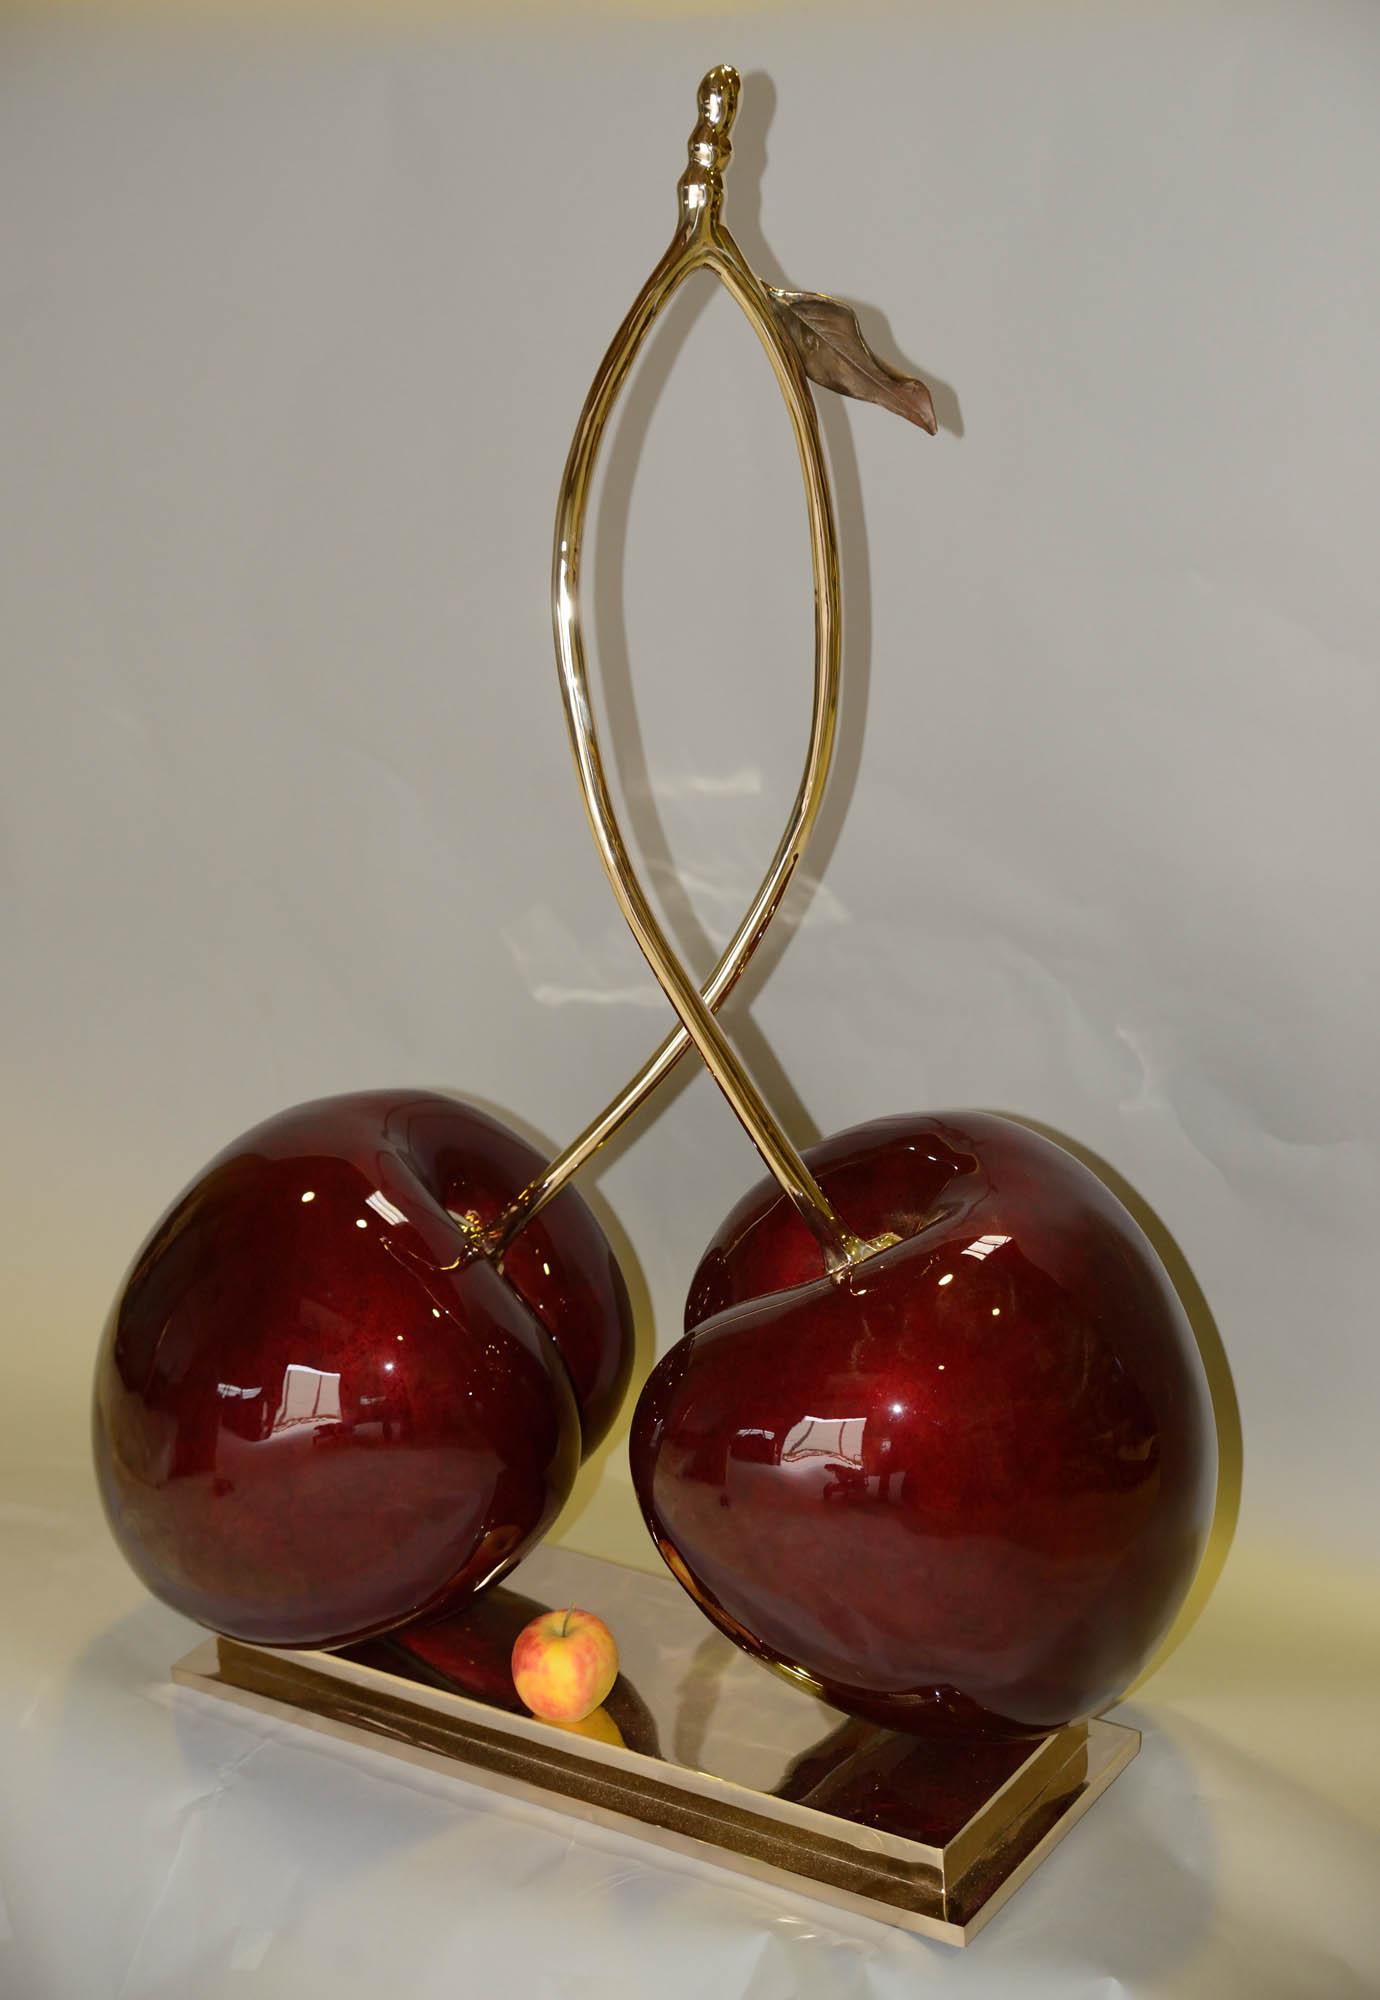 fruit-cherries-desire-3